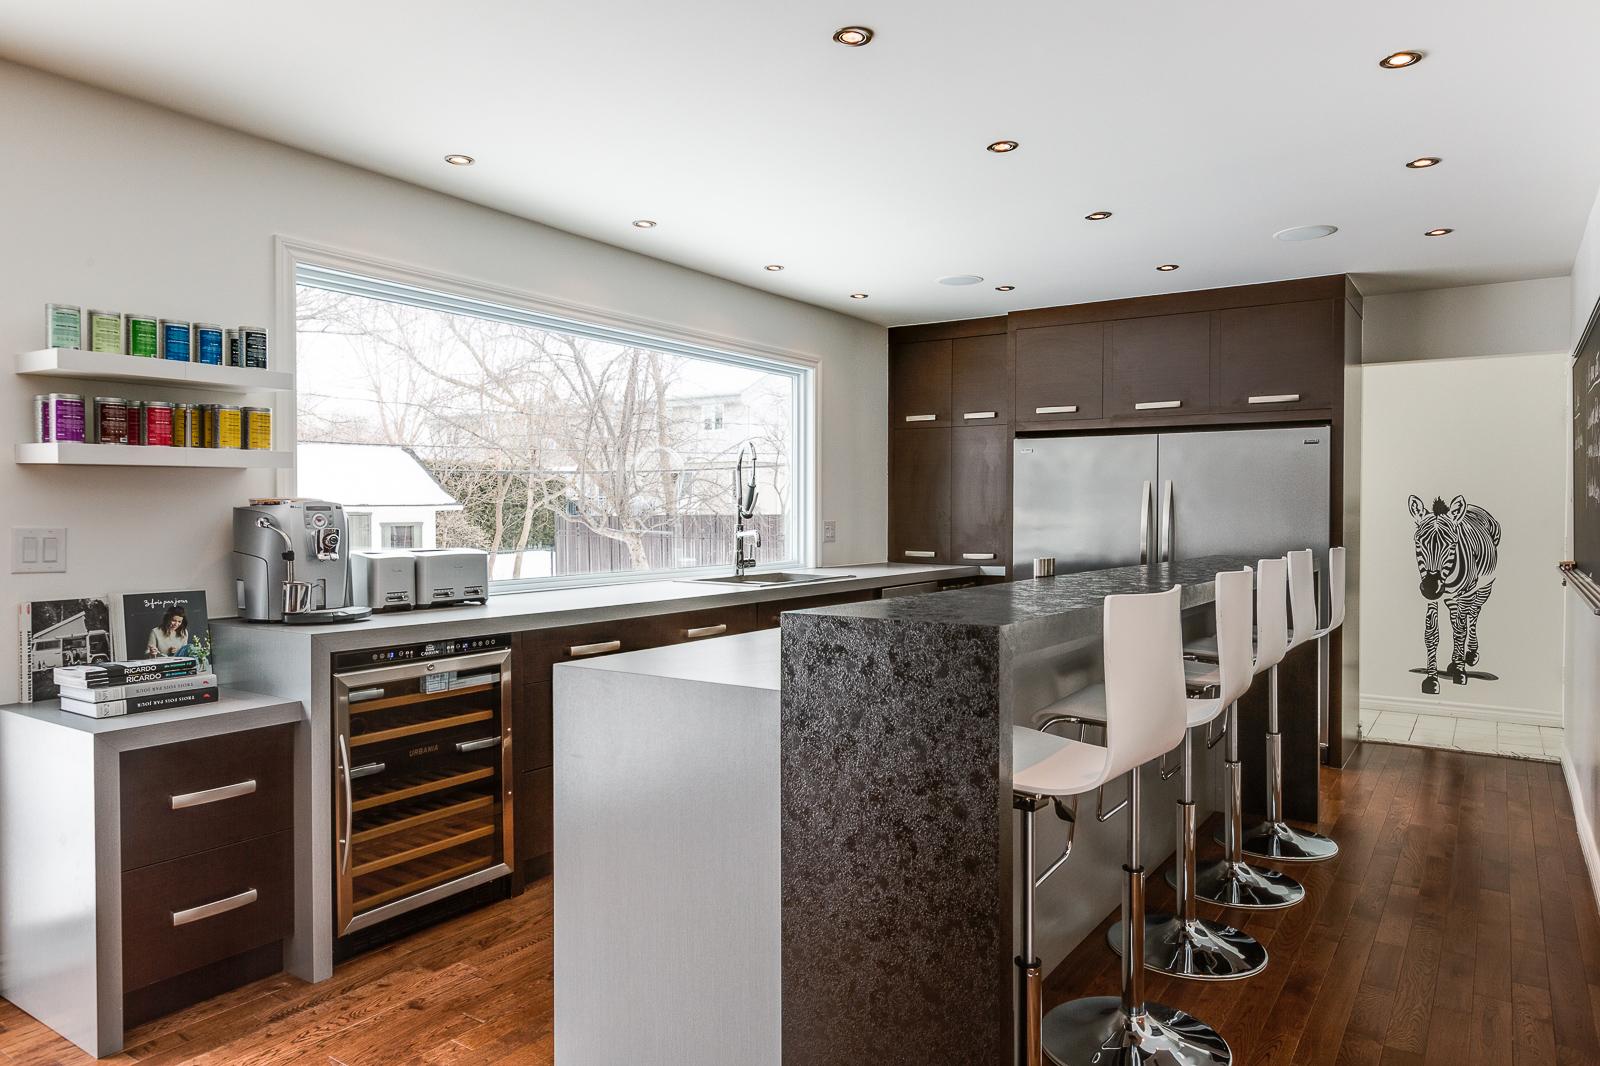 une cuisine contemporaine et familiale frederic blanchet. Black Bedroom Furniture Sets. Home Design Ideas